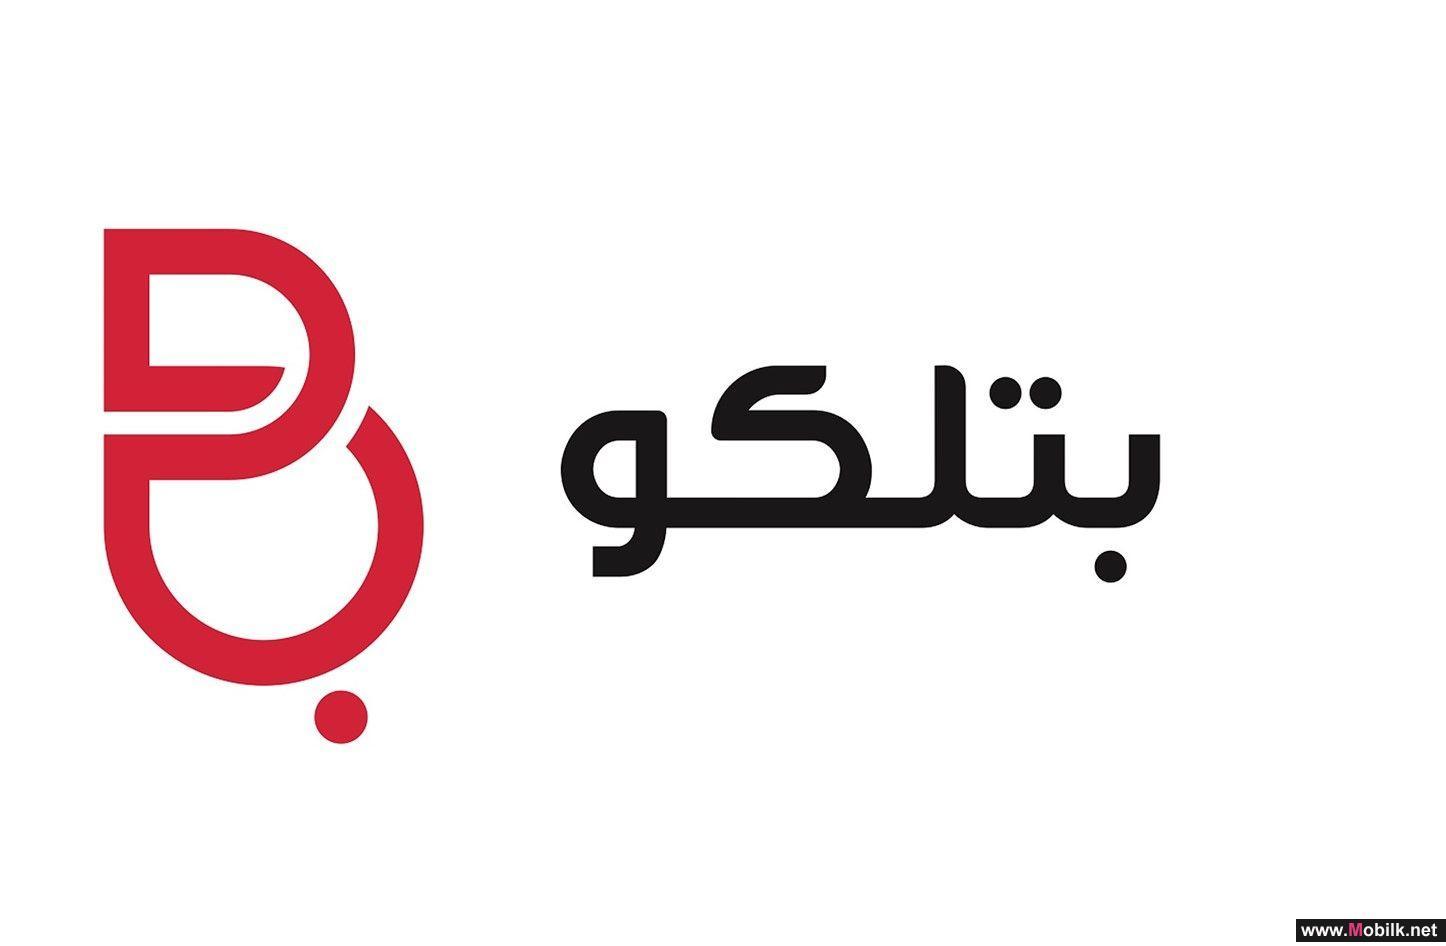 رفع سعة كابلات شبكة بتلكو الخليج (BGN) بالتعاون مع شركة